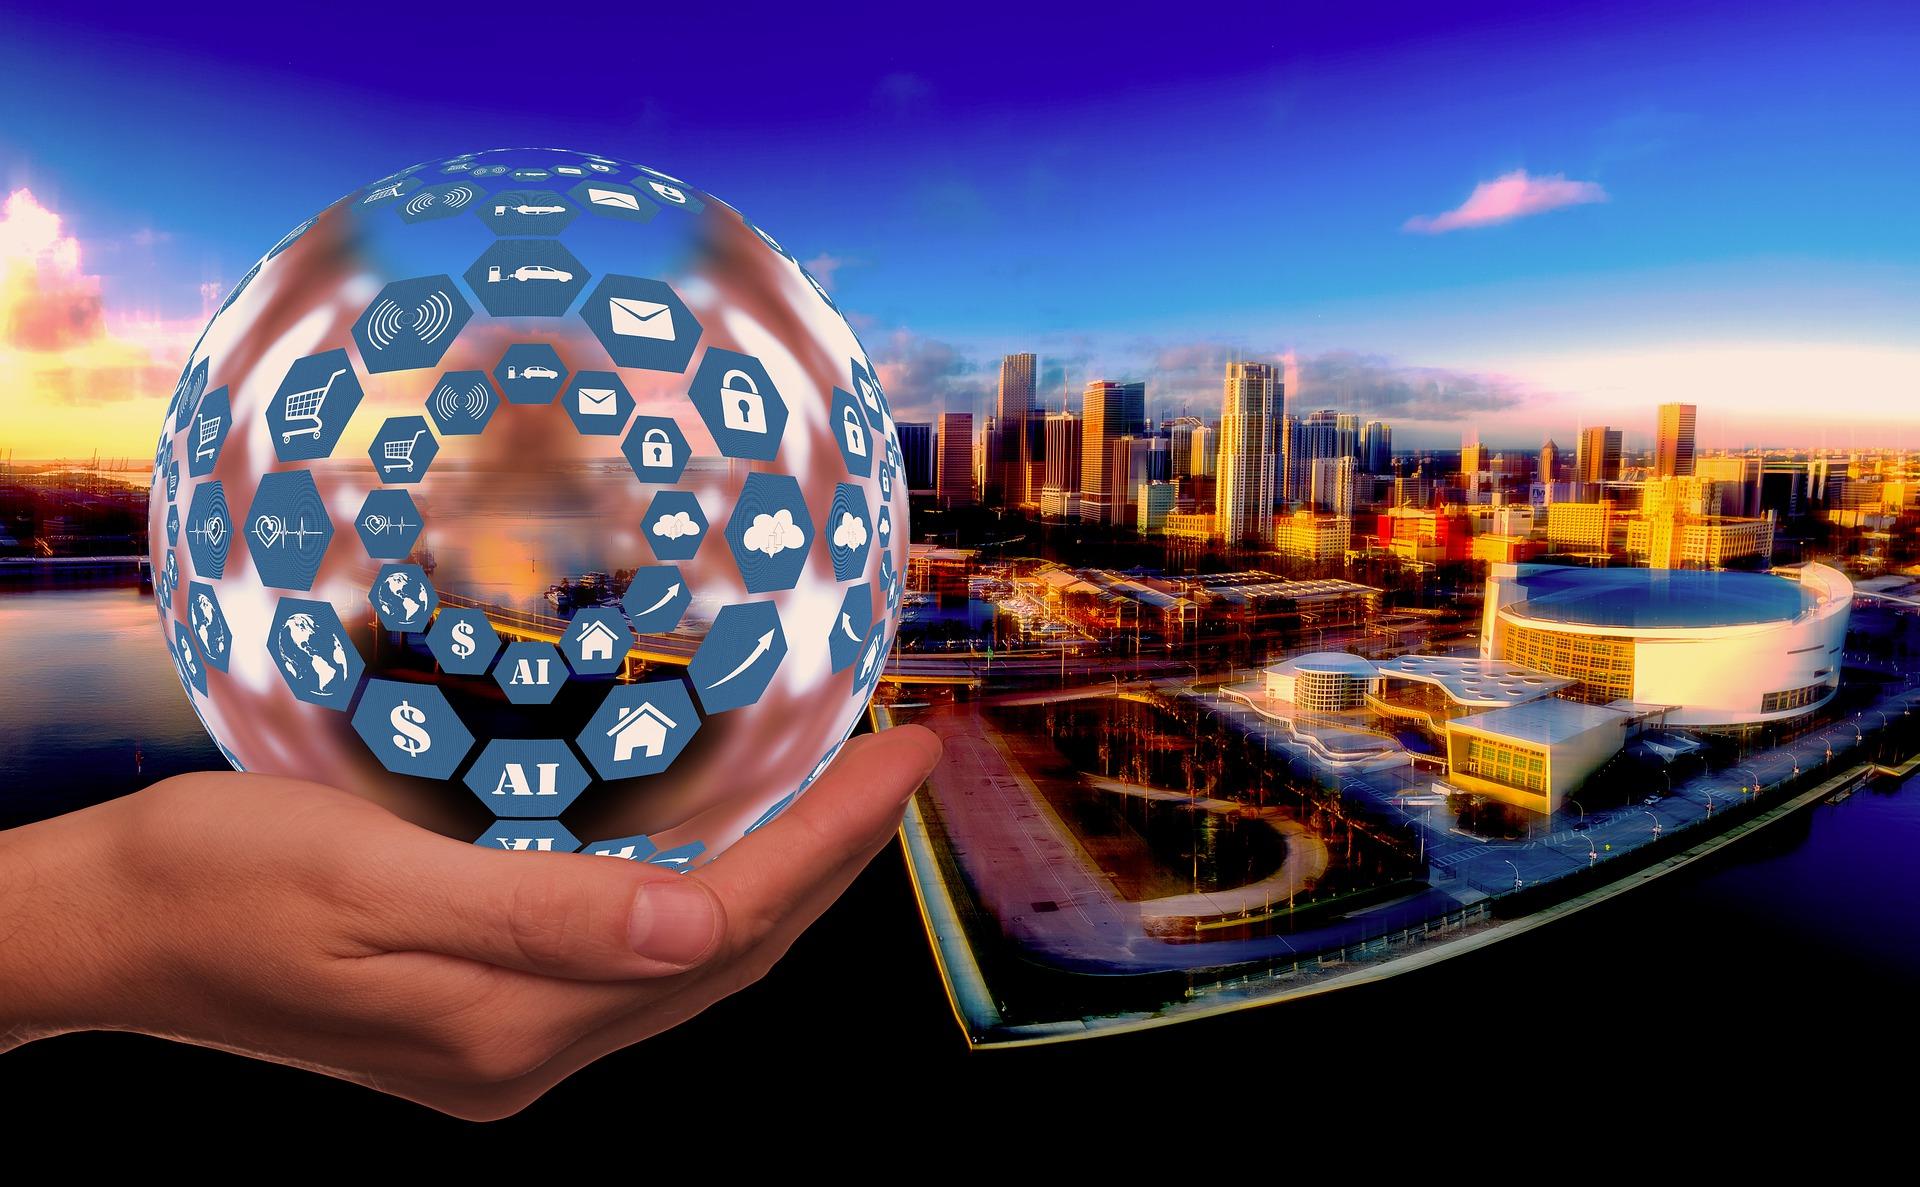 منصة ذكية مبتكرة بجناح روسيا في إكسبو Expo دبي